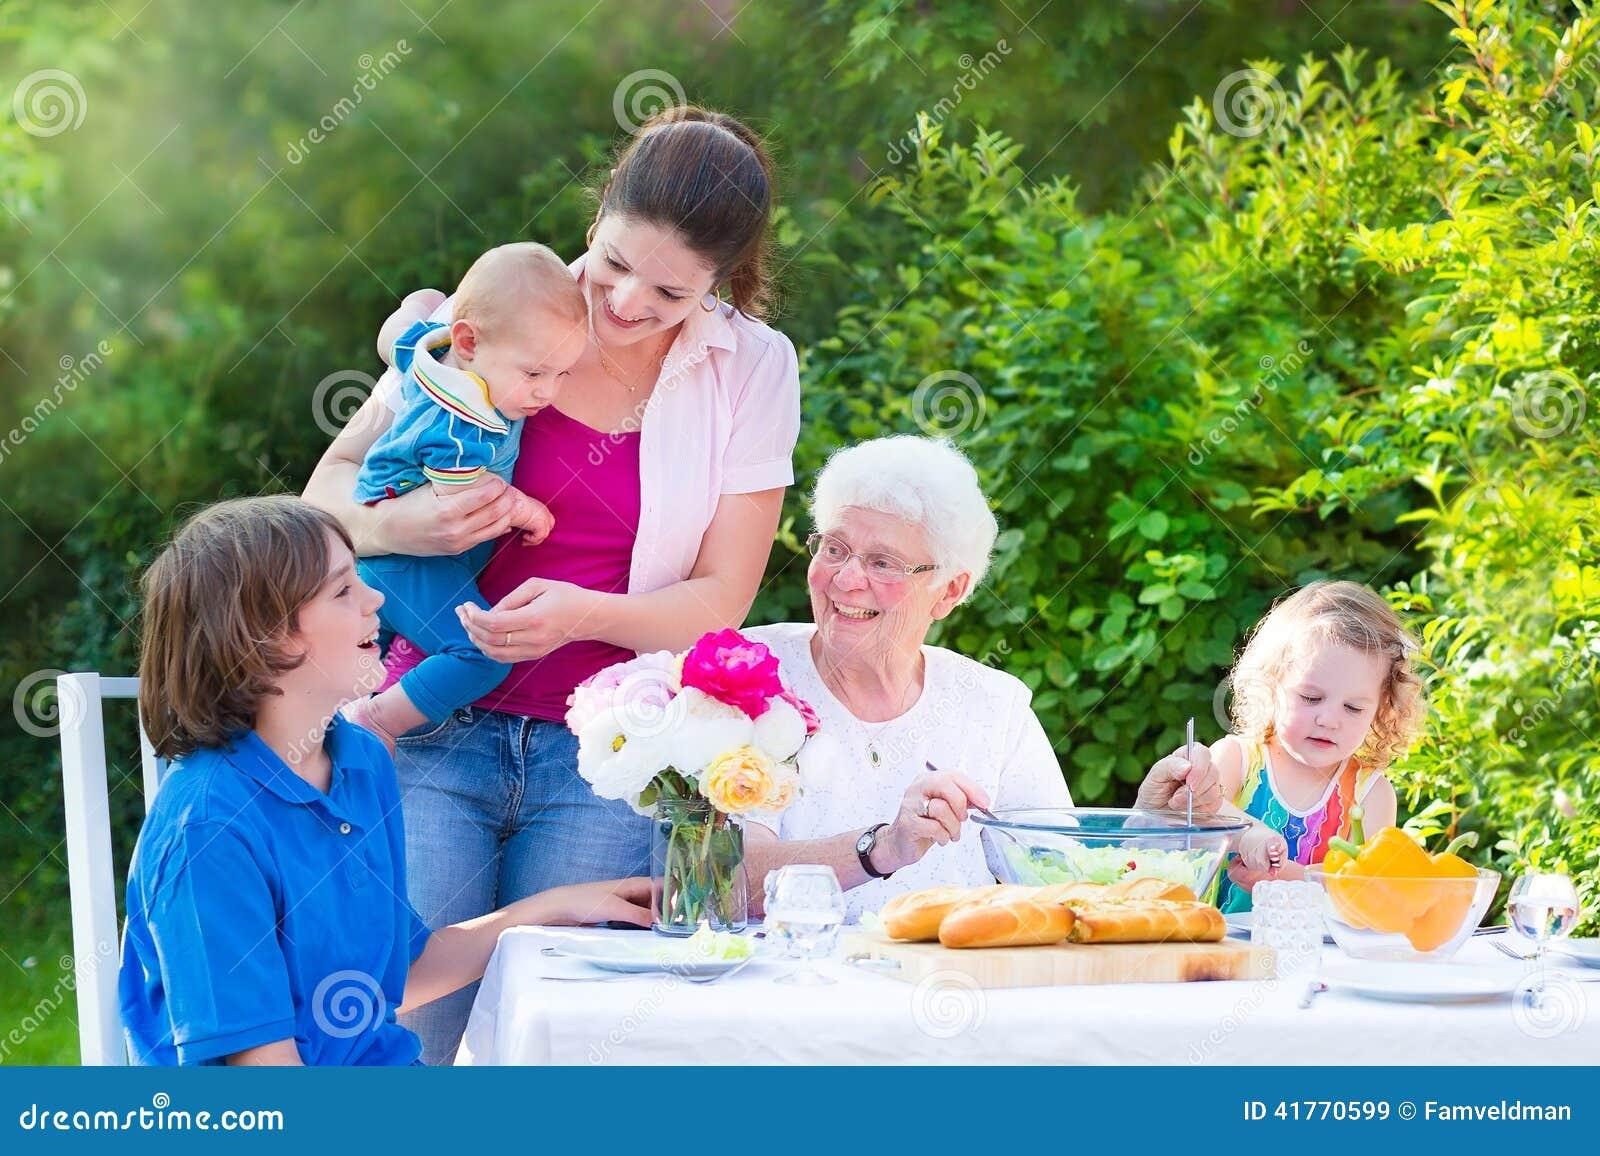 Ευτυχής γιαγιά που έχει το μεσημεριανό γεύμα με την οικογένειά της